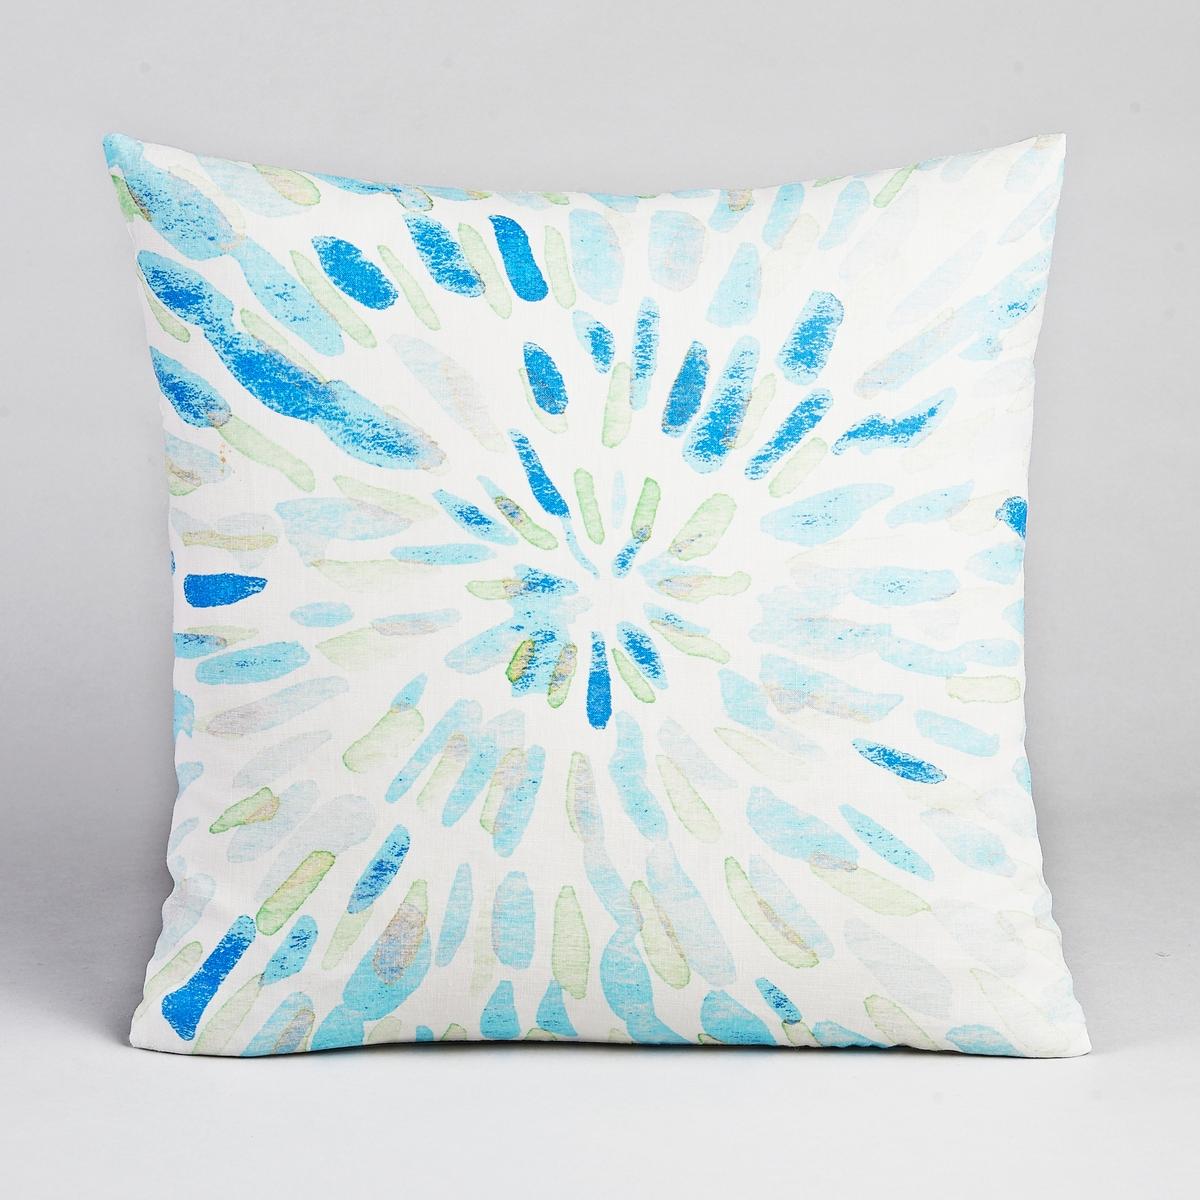 Чехол для подушки SiliЧехол для подушки из красивого стираного льна, с абстрактными мотивами с акварелью .Характеристики :- Из льна .- Застёжка на молнию.Размер :- 45 x 45 см.<br><br>Цвет: синий<br>Размер: 45 x 45  см